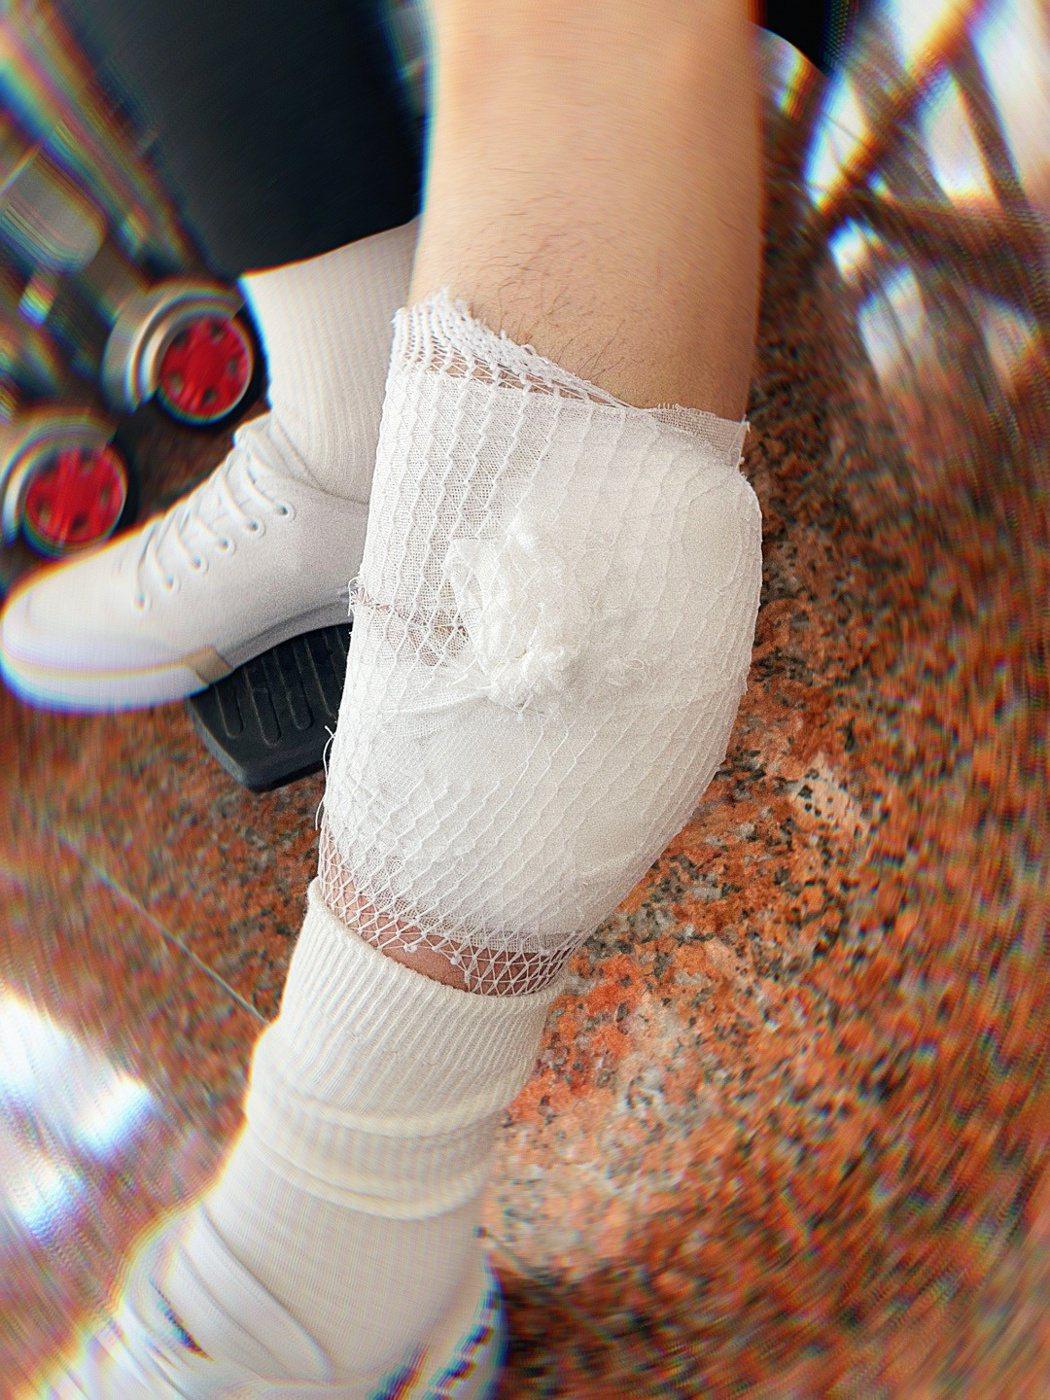 陳立農受傷做輪椅。圖/擷自微博